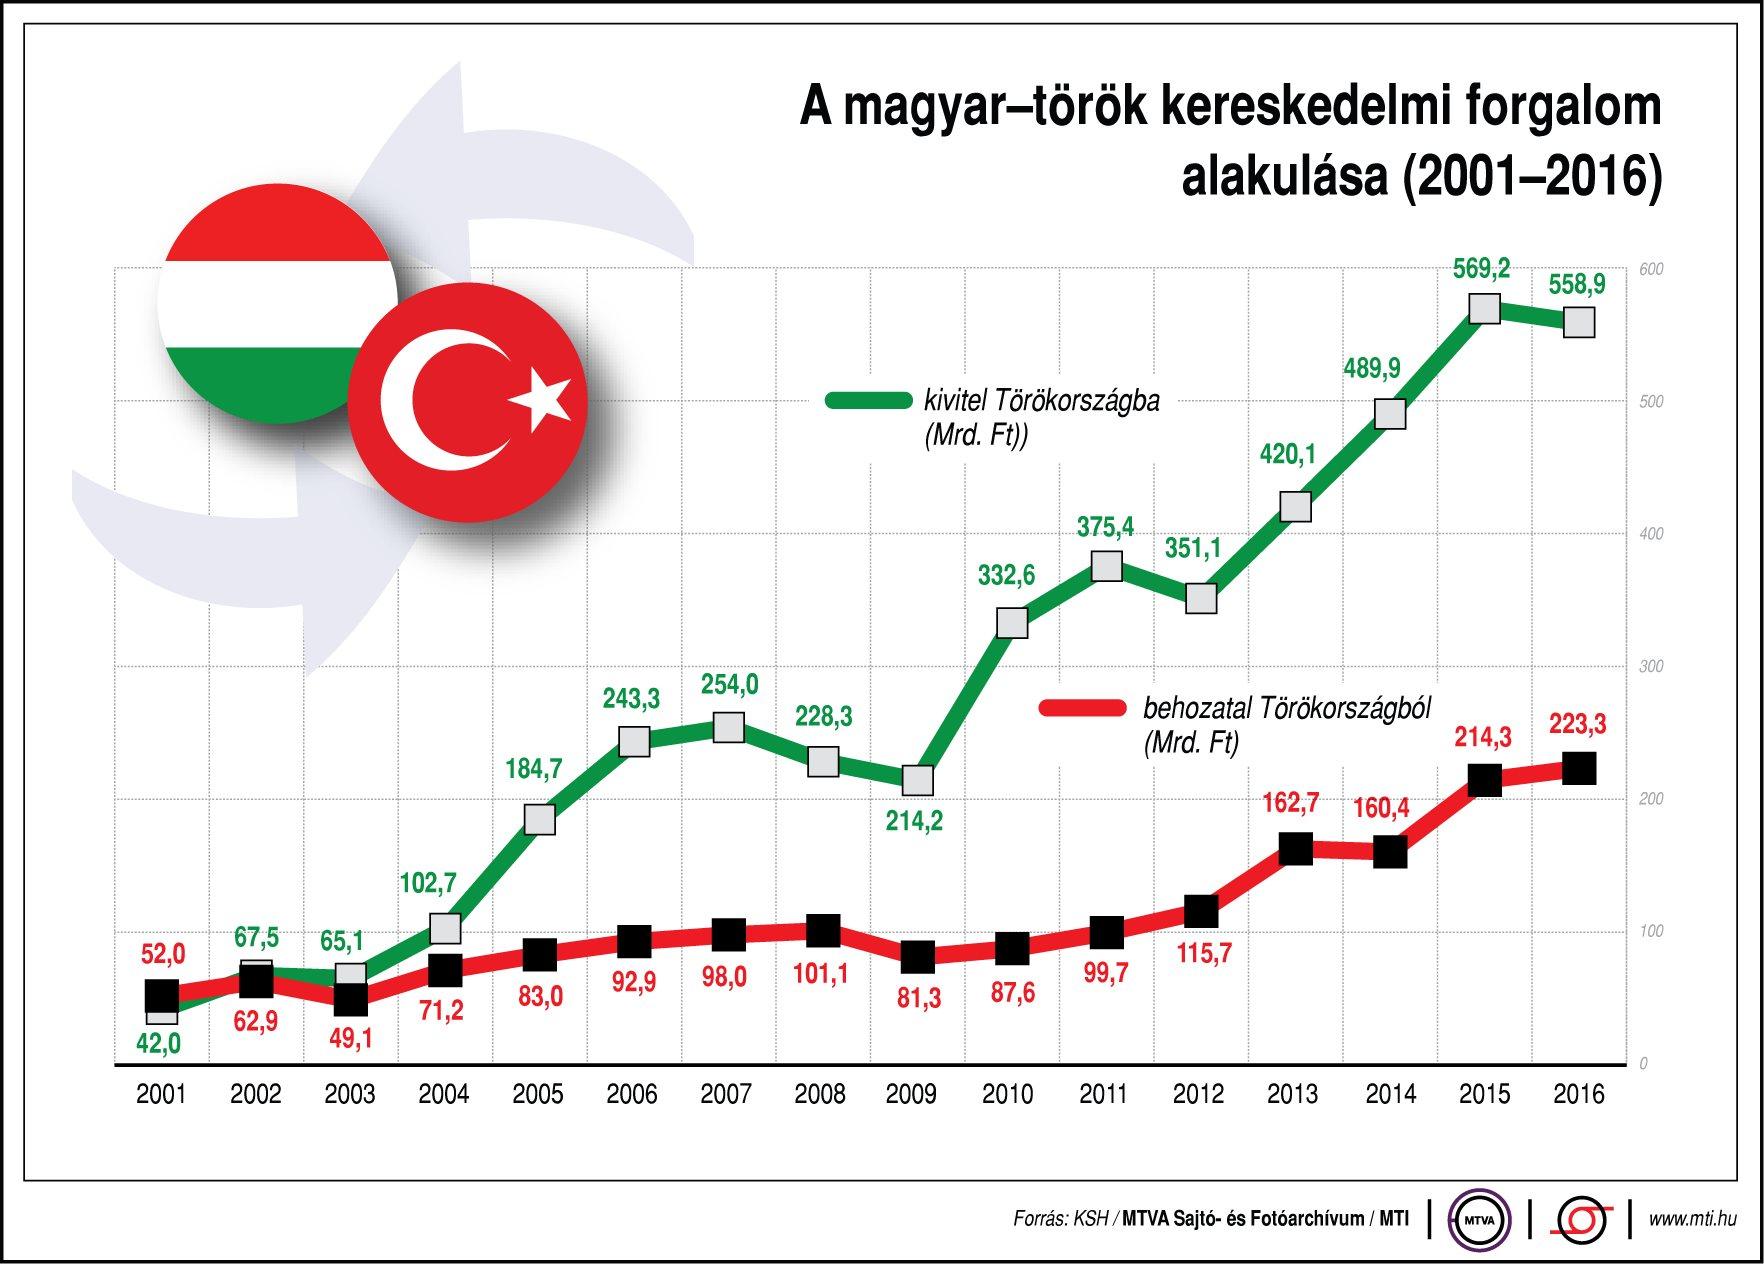 Magyarországon eljárás indult az Alza-val szemben, a túl agresszív módszereik miatt | thebeercellar.hu